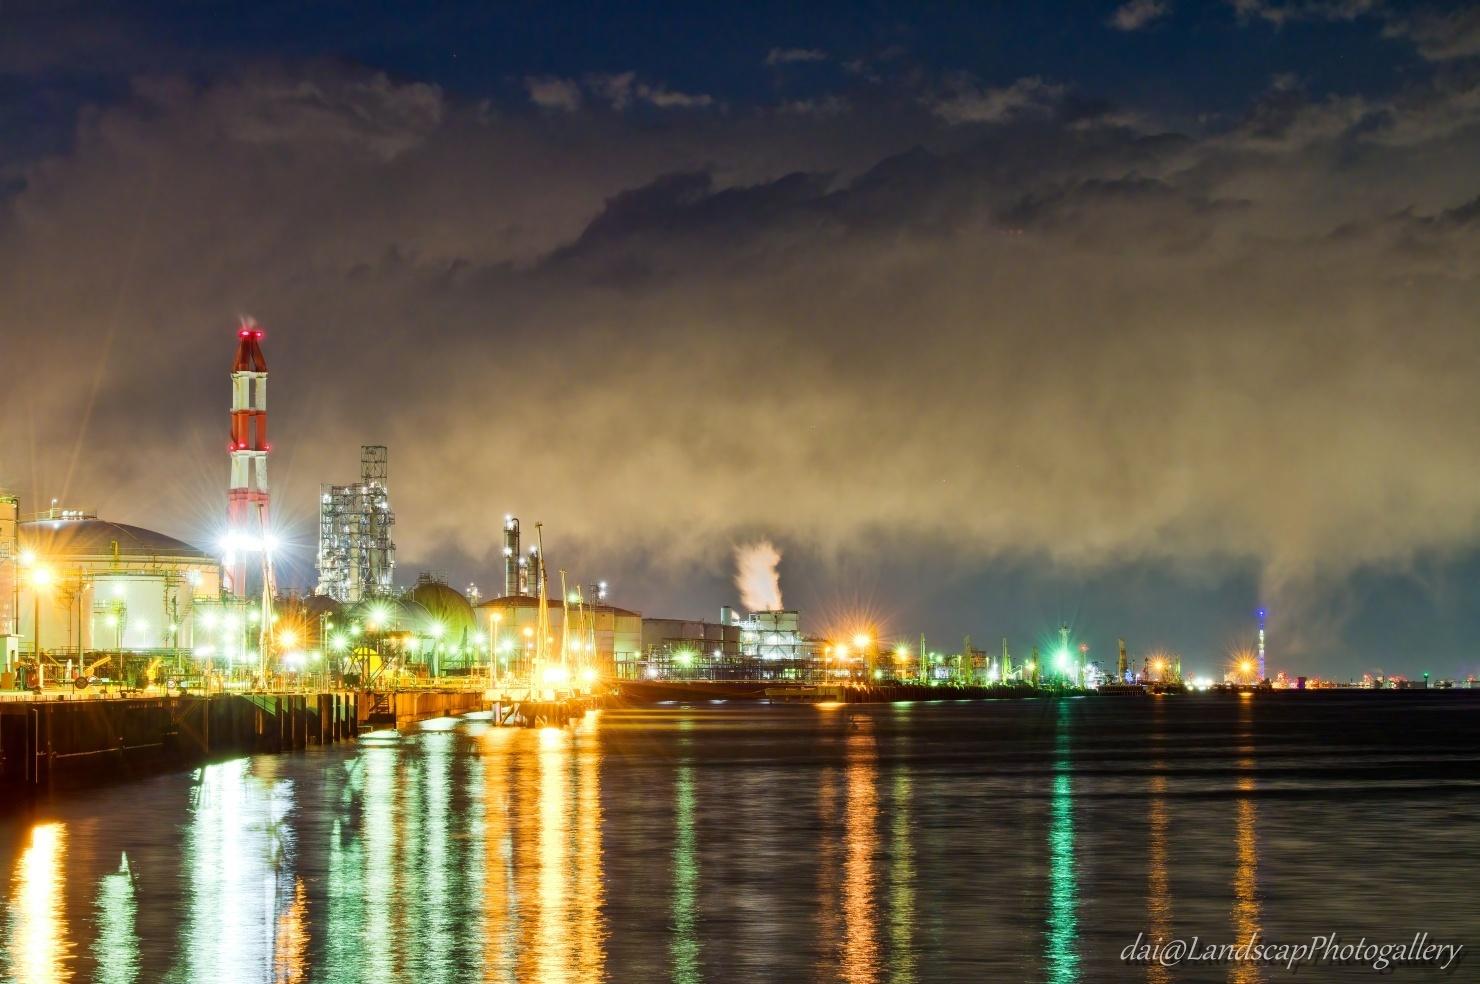 北袖岸壁工場夜景